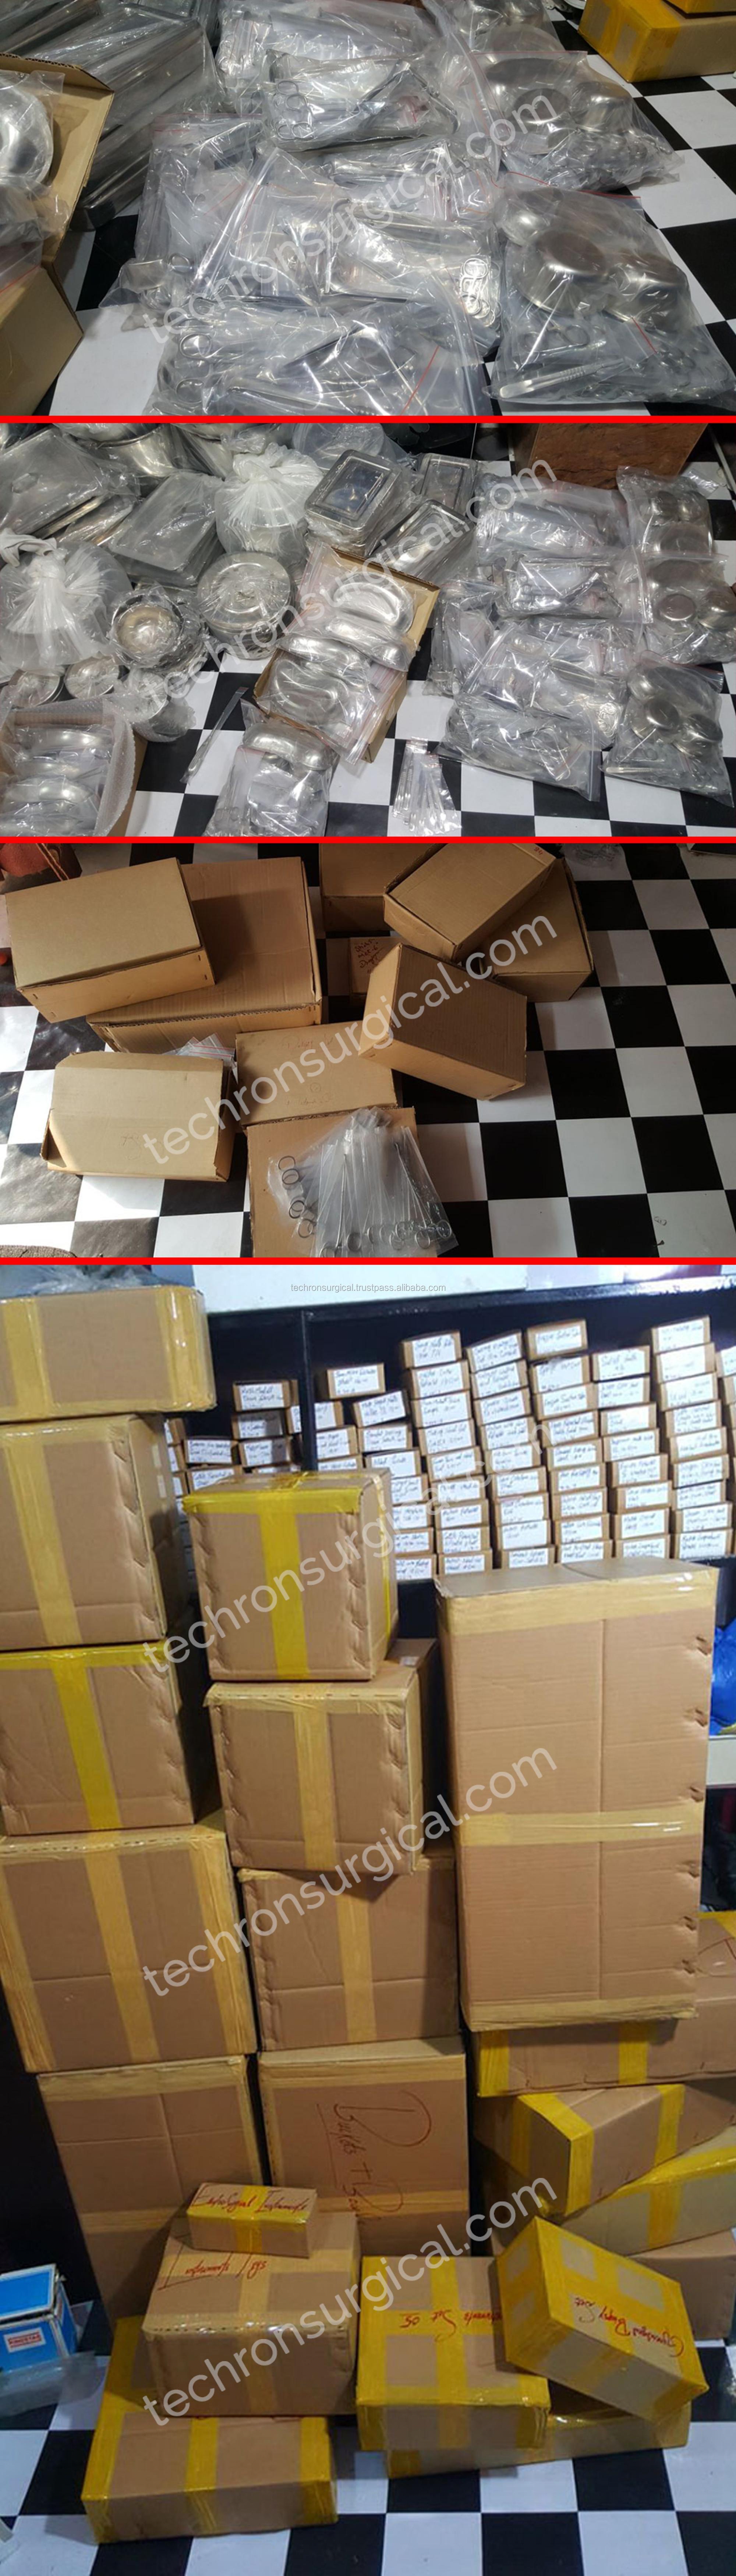 STANLEY Surform Standdardfeile 5-21-295 und 1 x Spezial-Ersatzblatt 5-21-299 hal